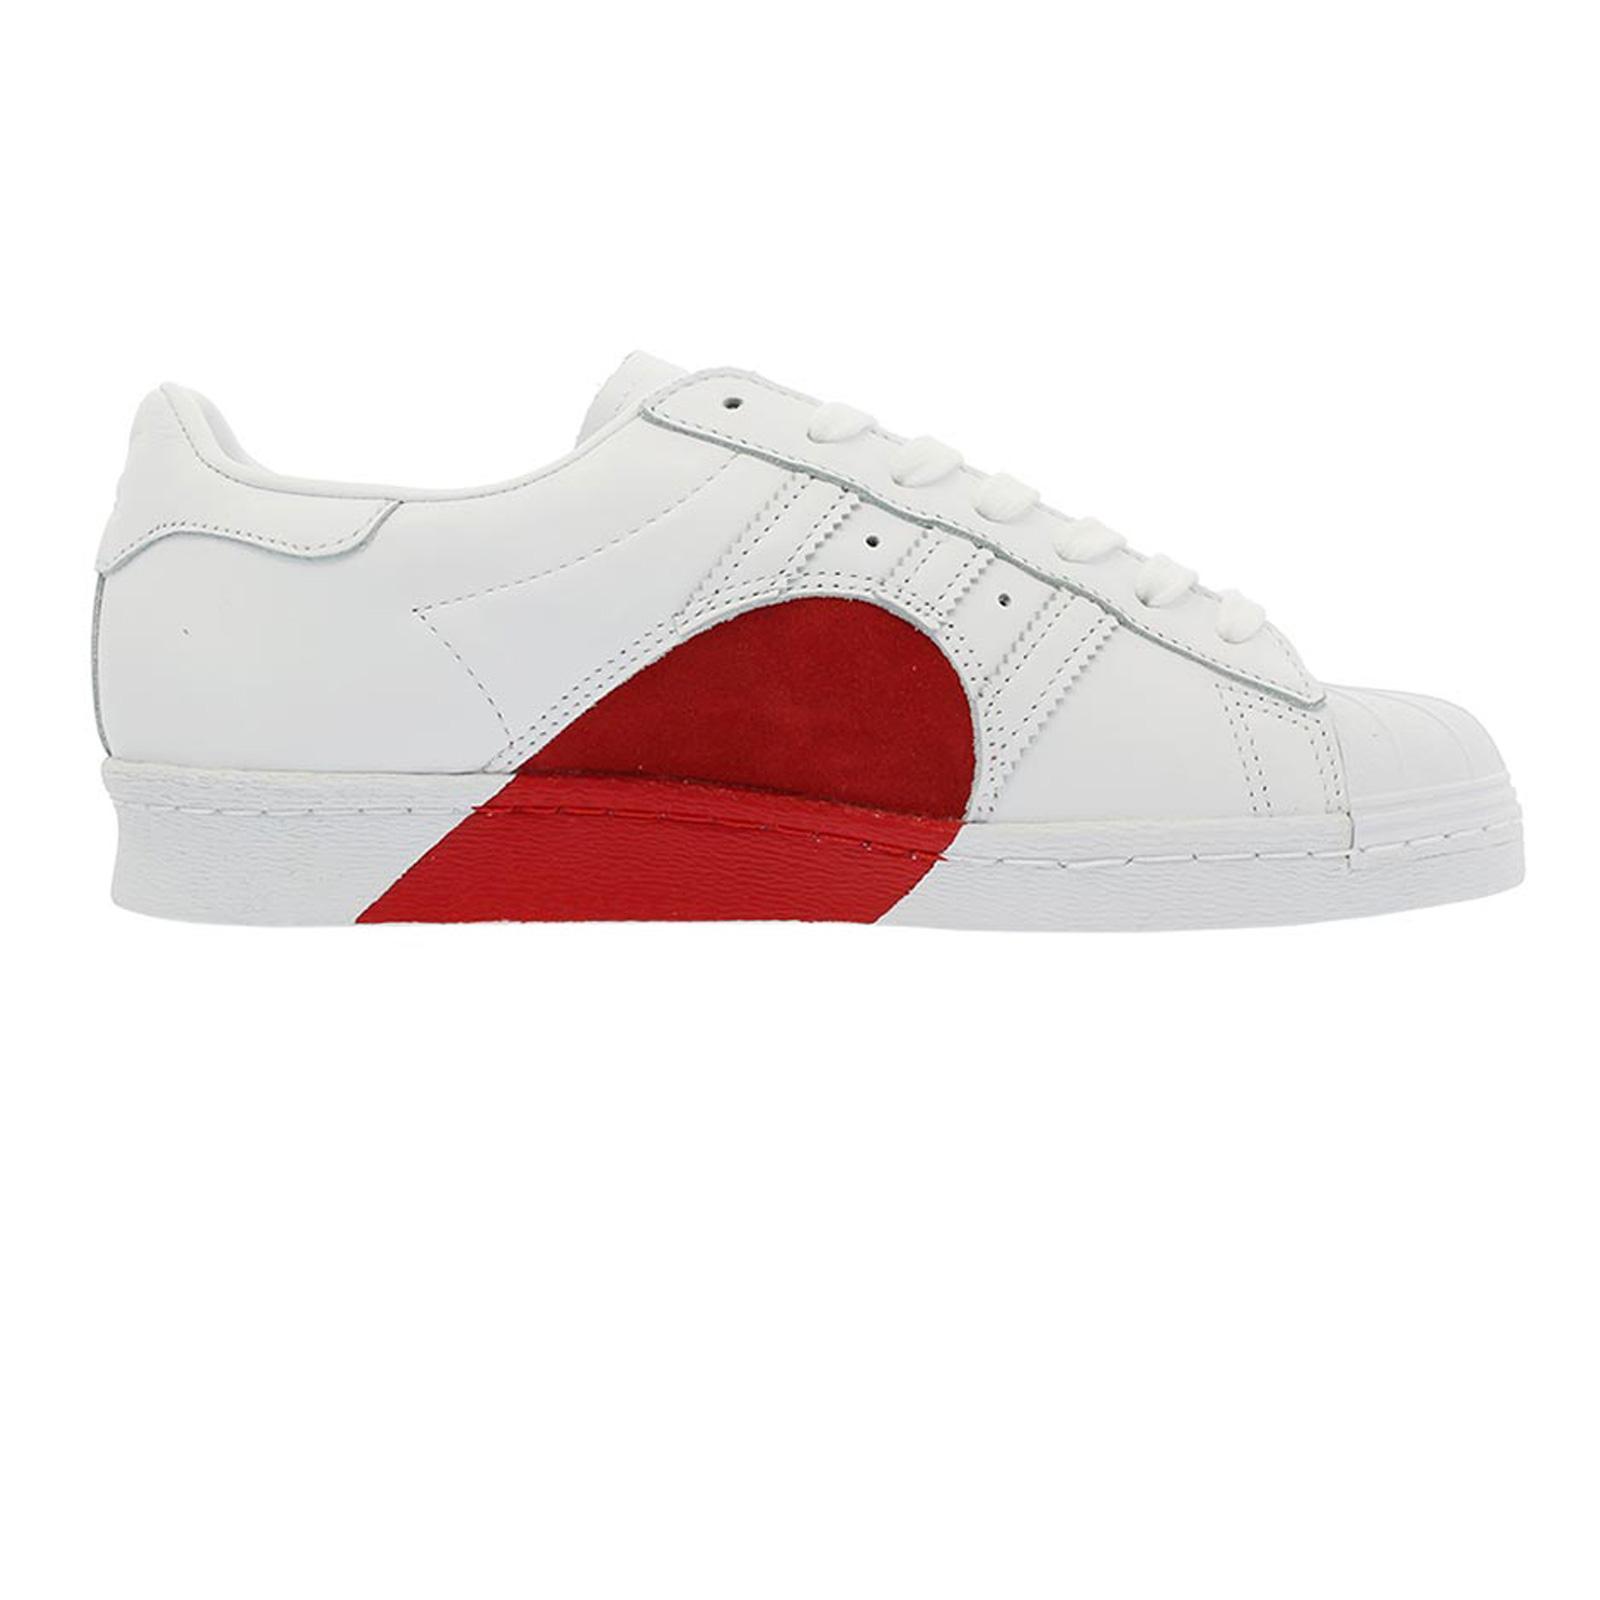 Dettagli su ADIDAS Superstar 80s HH Half HEART CUORE Sneaker LIMITED EDITION cq3009 BIANCO ROSSO mostra il titolo originale